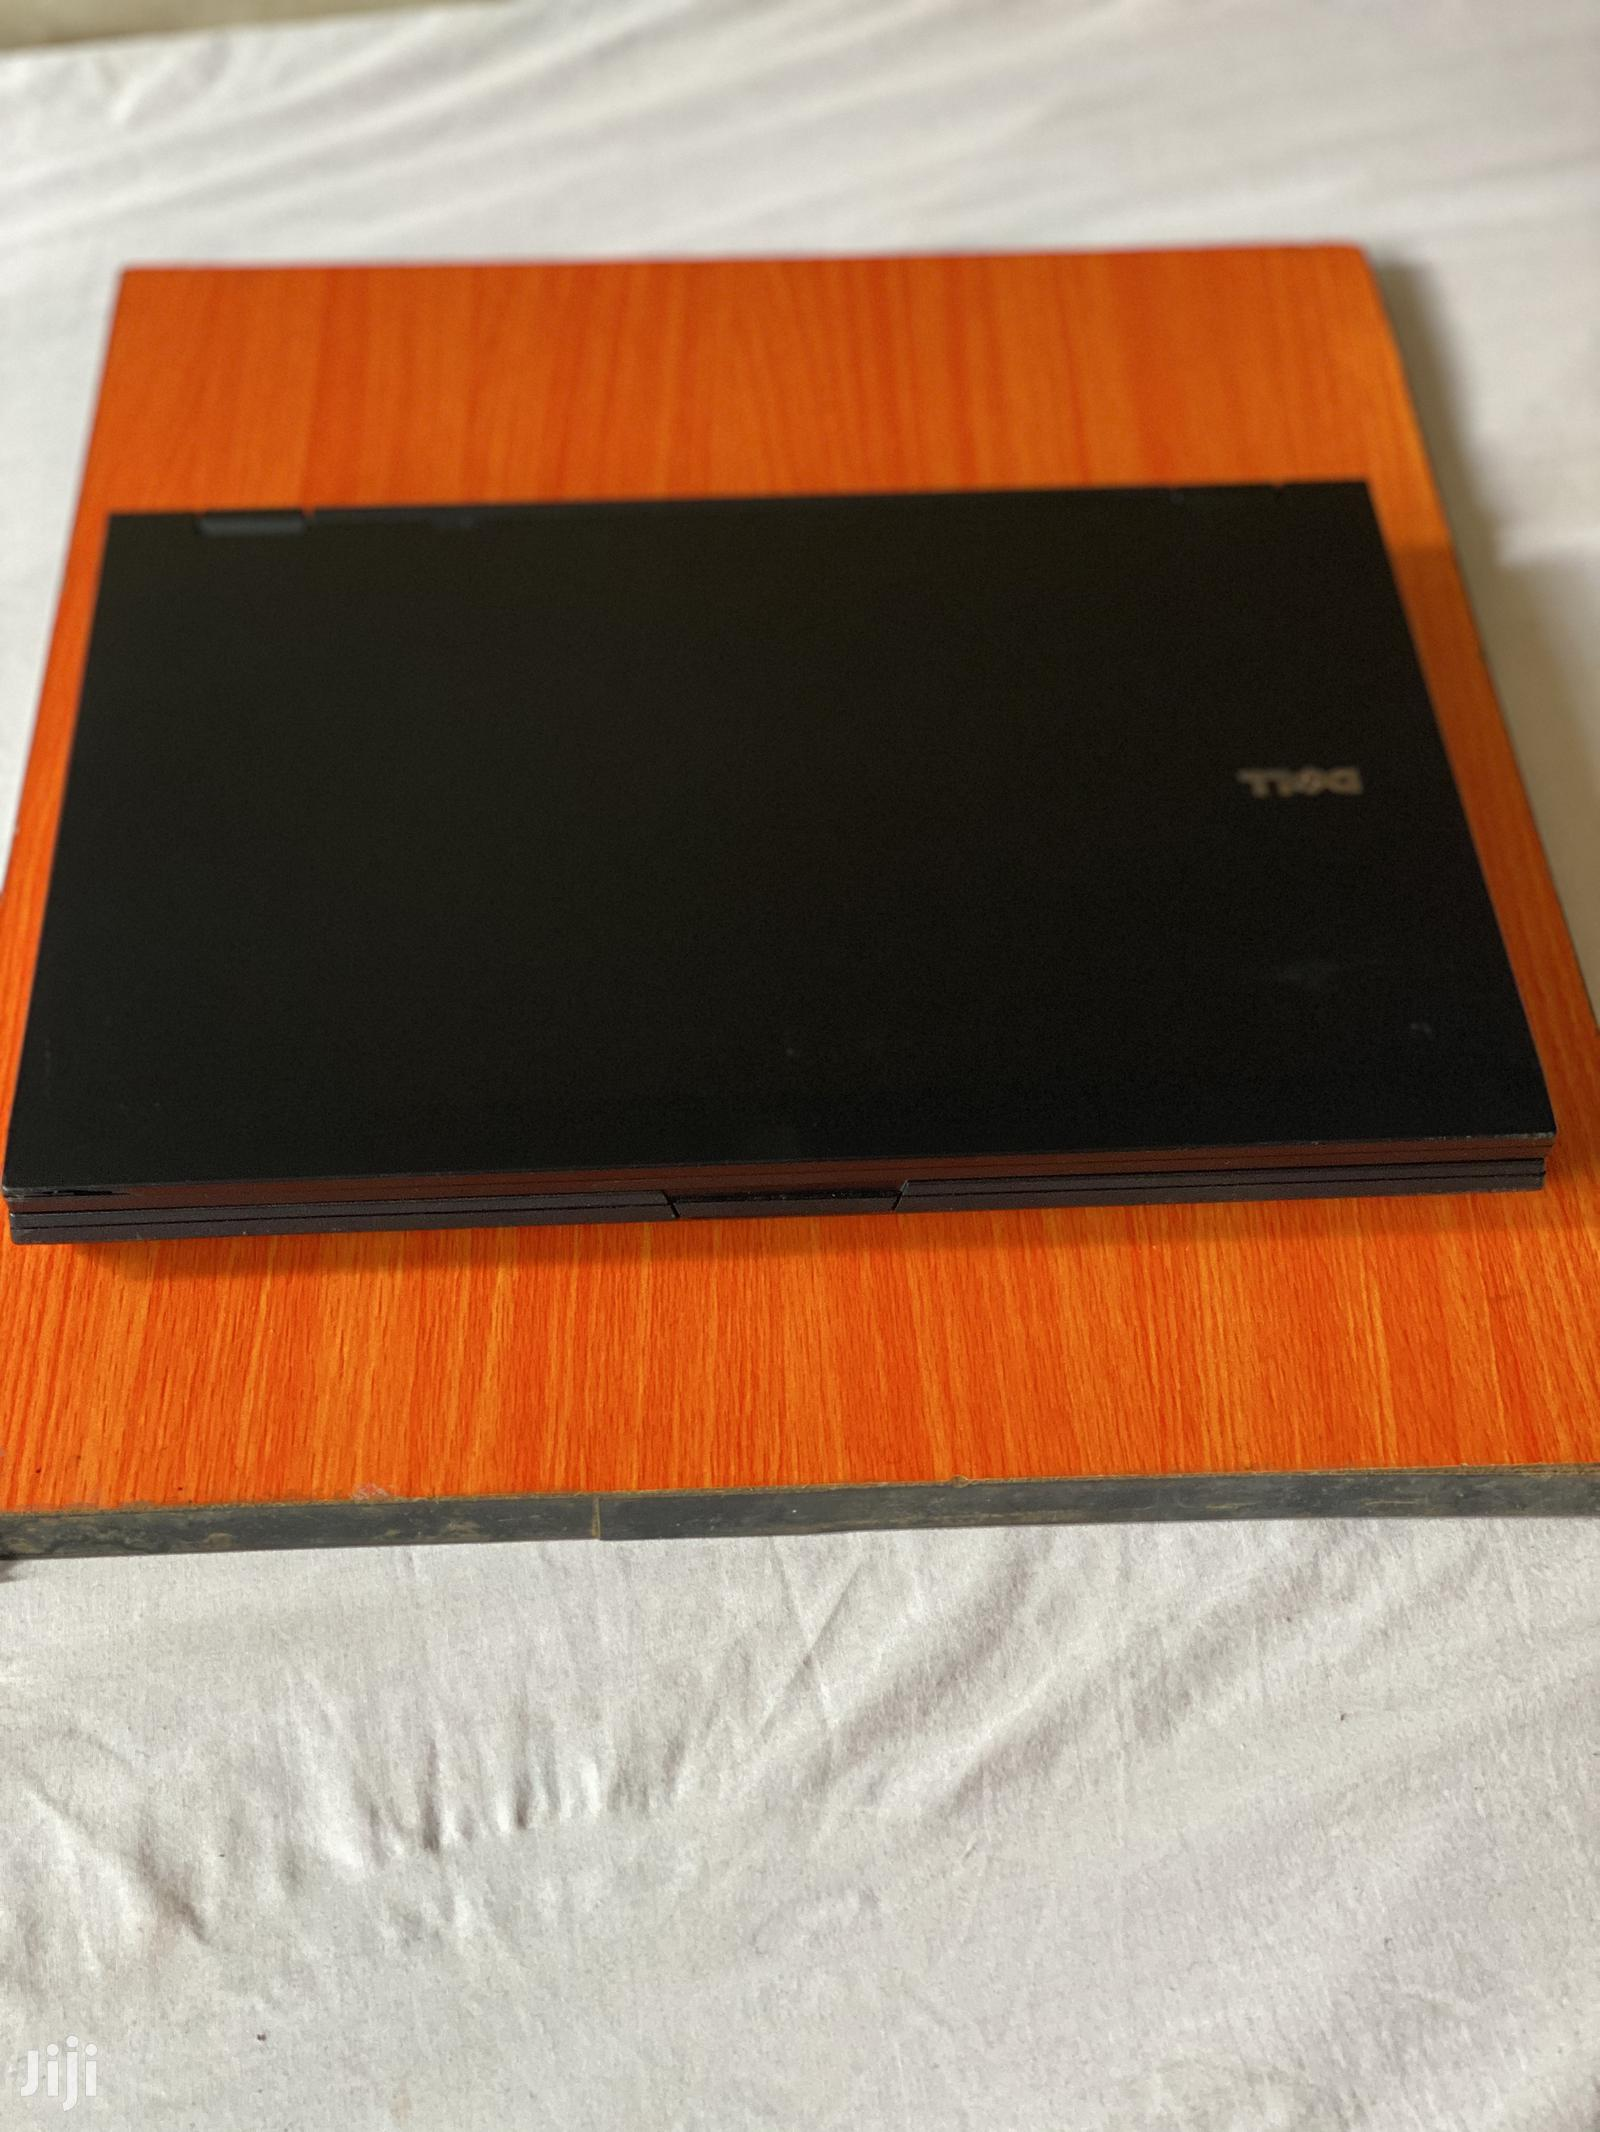 Laptop Dell Latitude E5500 2GB Intel Core 2 Duo HDD 160GB | Laptops & Computers for sale in Wakiso, Central Region, Uganda